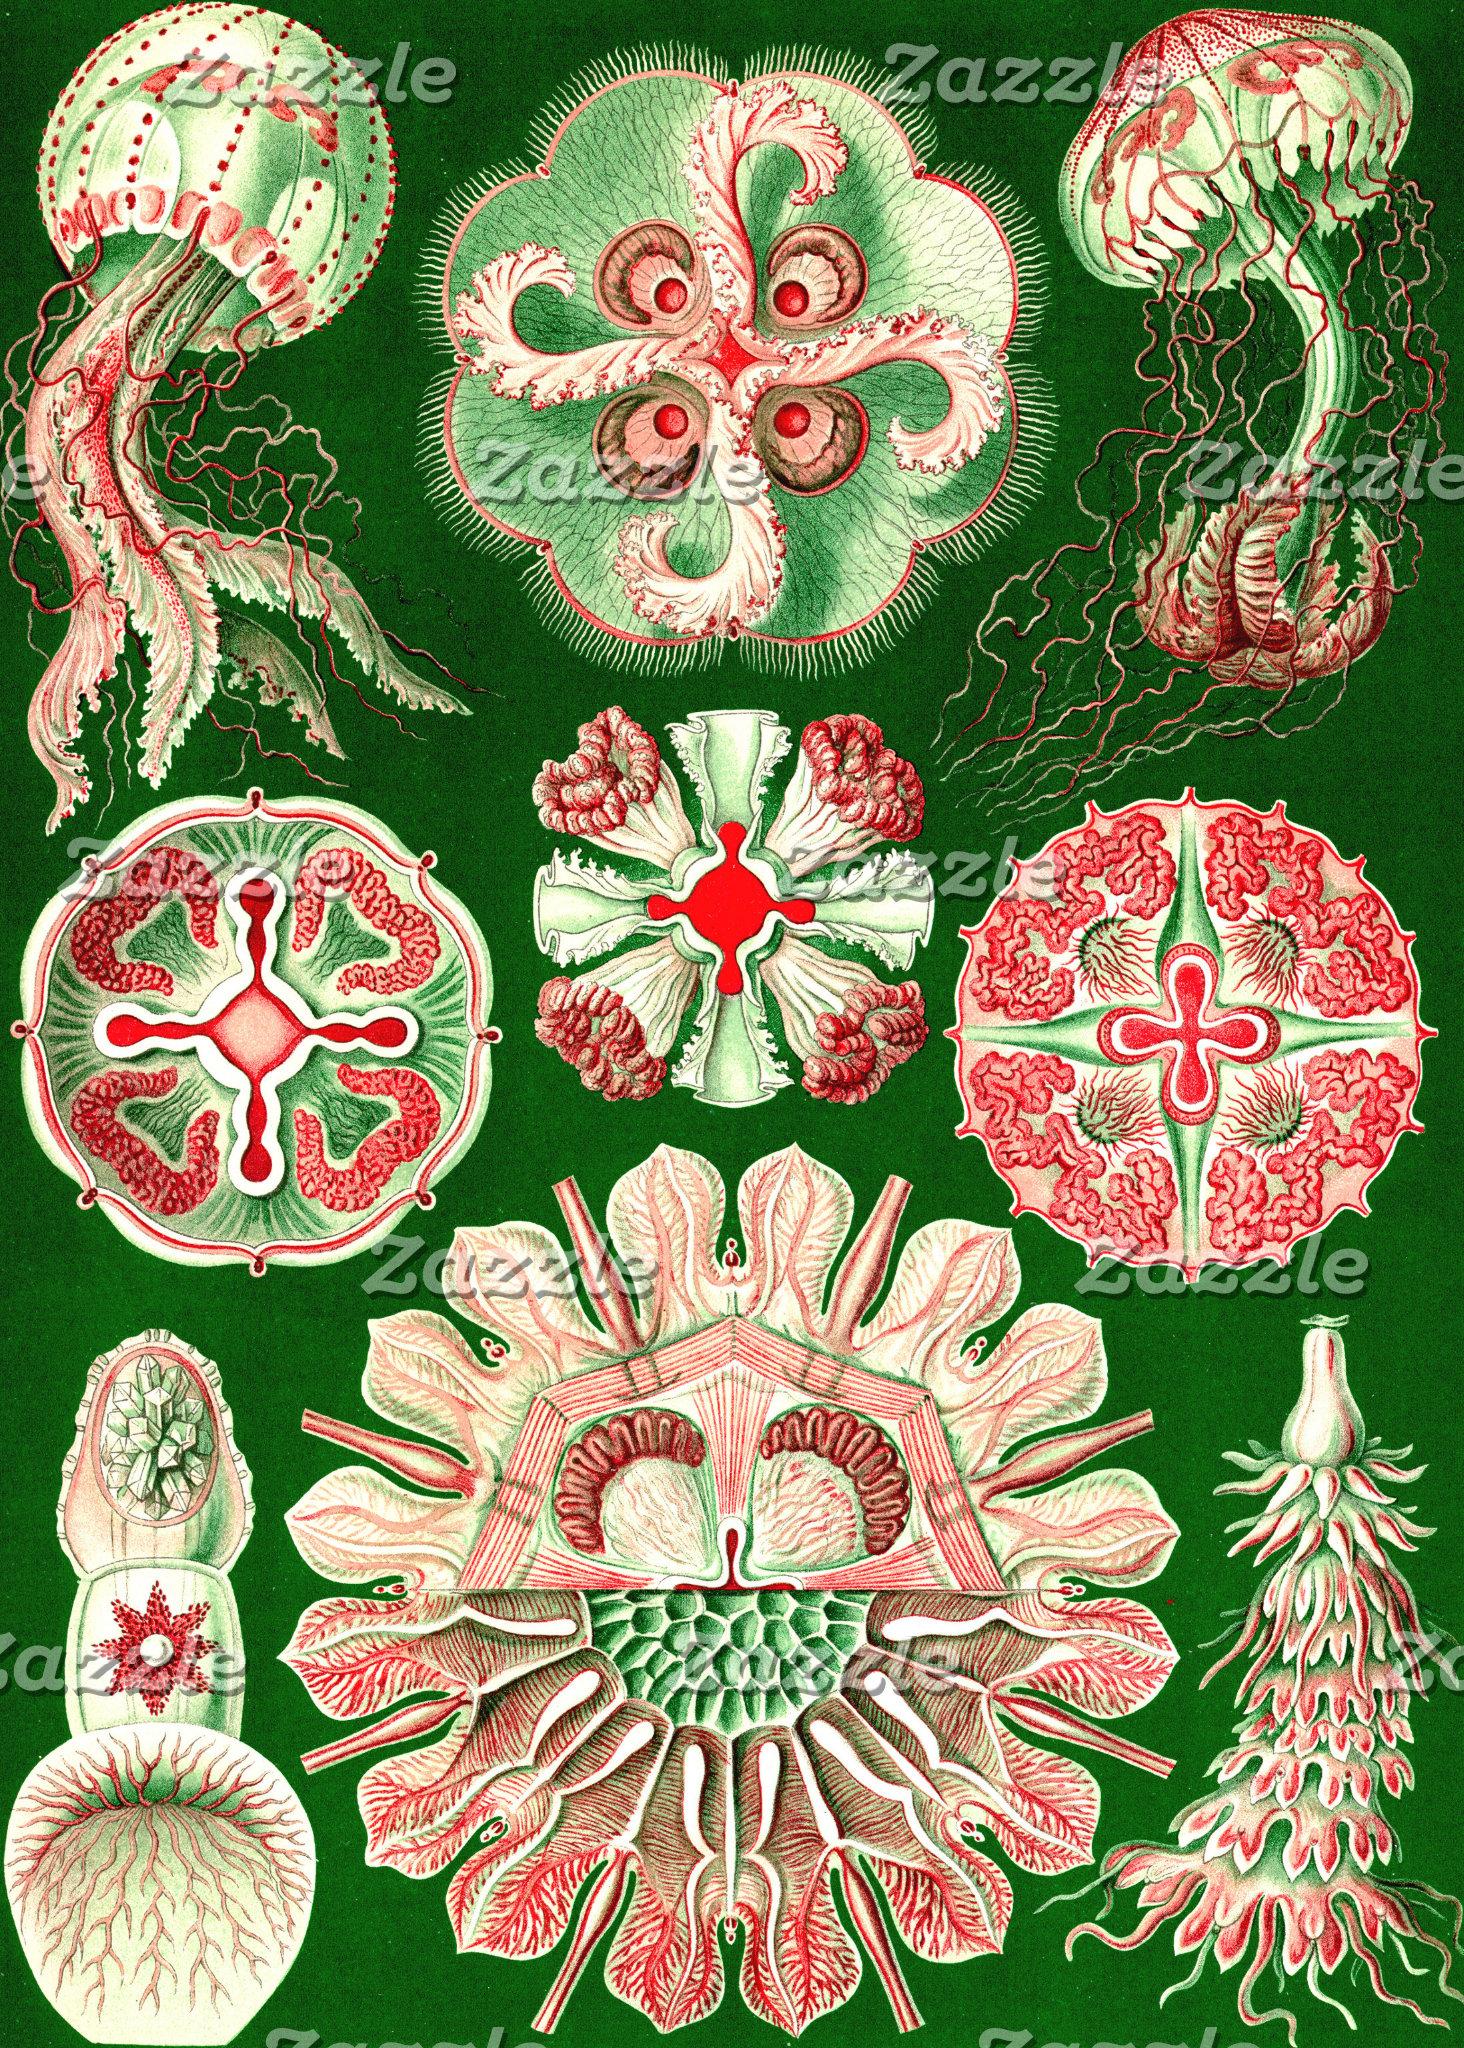 Ernst Haeckel Discomedusae (Aurelia)